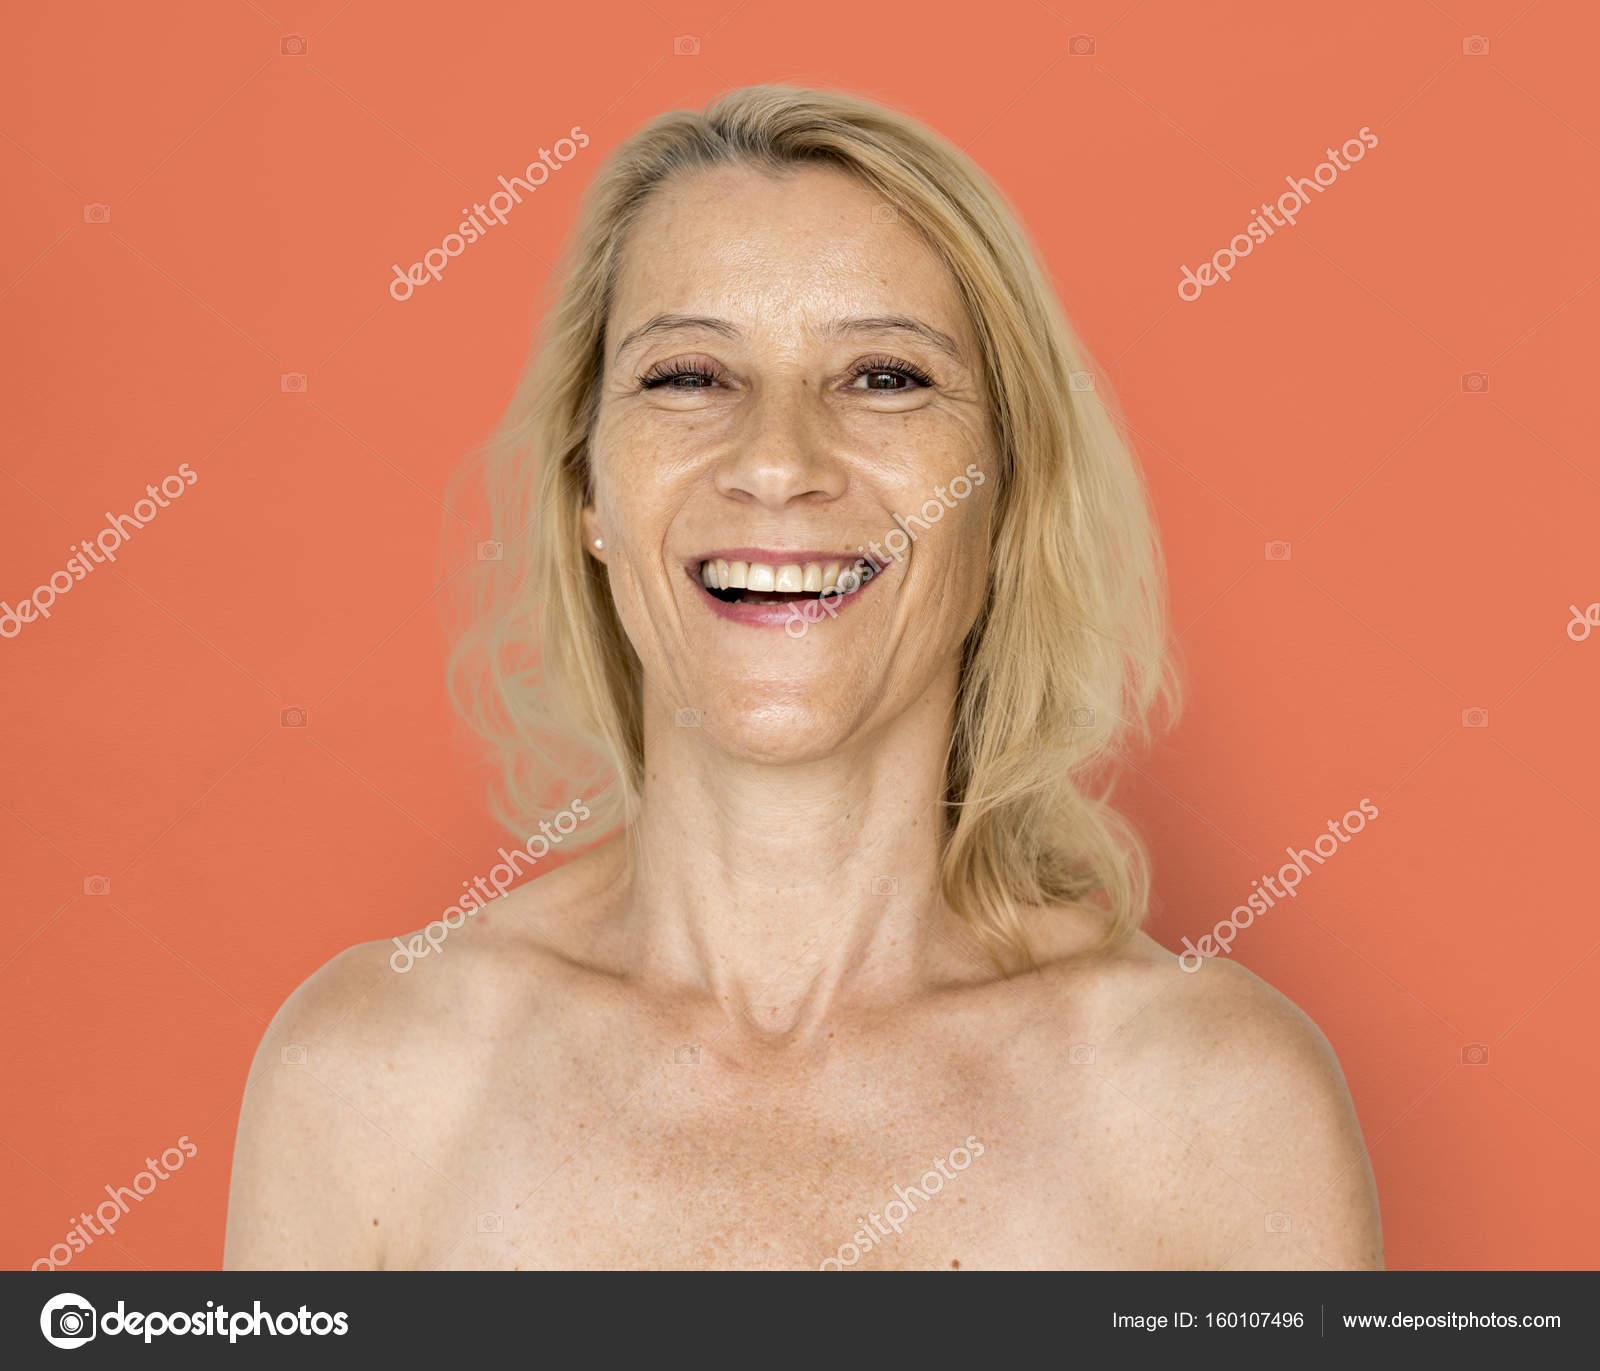 ώριμη γυμνή φωτογραφία